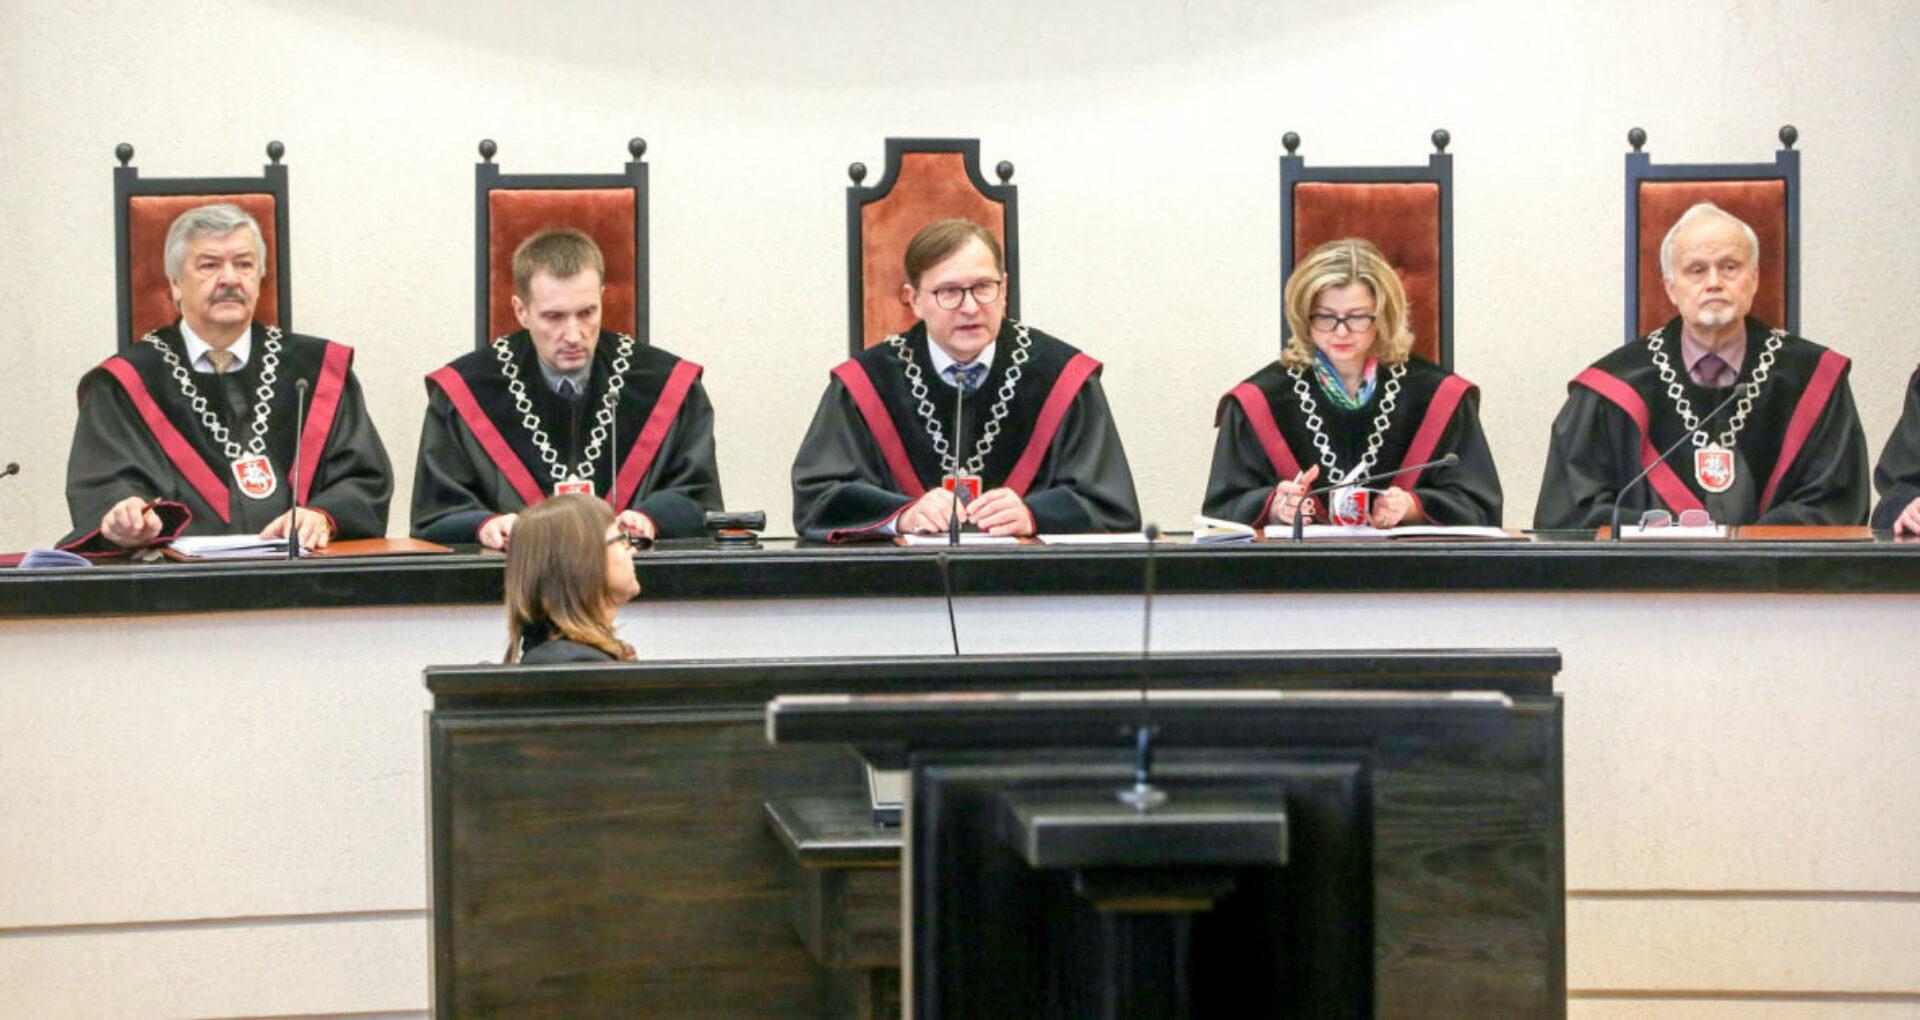 Președintele Curții Constituționale a Lituaniei, nedumerit de decizia CC cu privire la dizolvarea Parlamentului